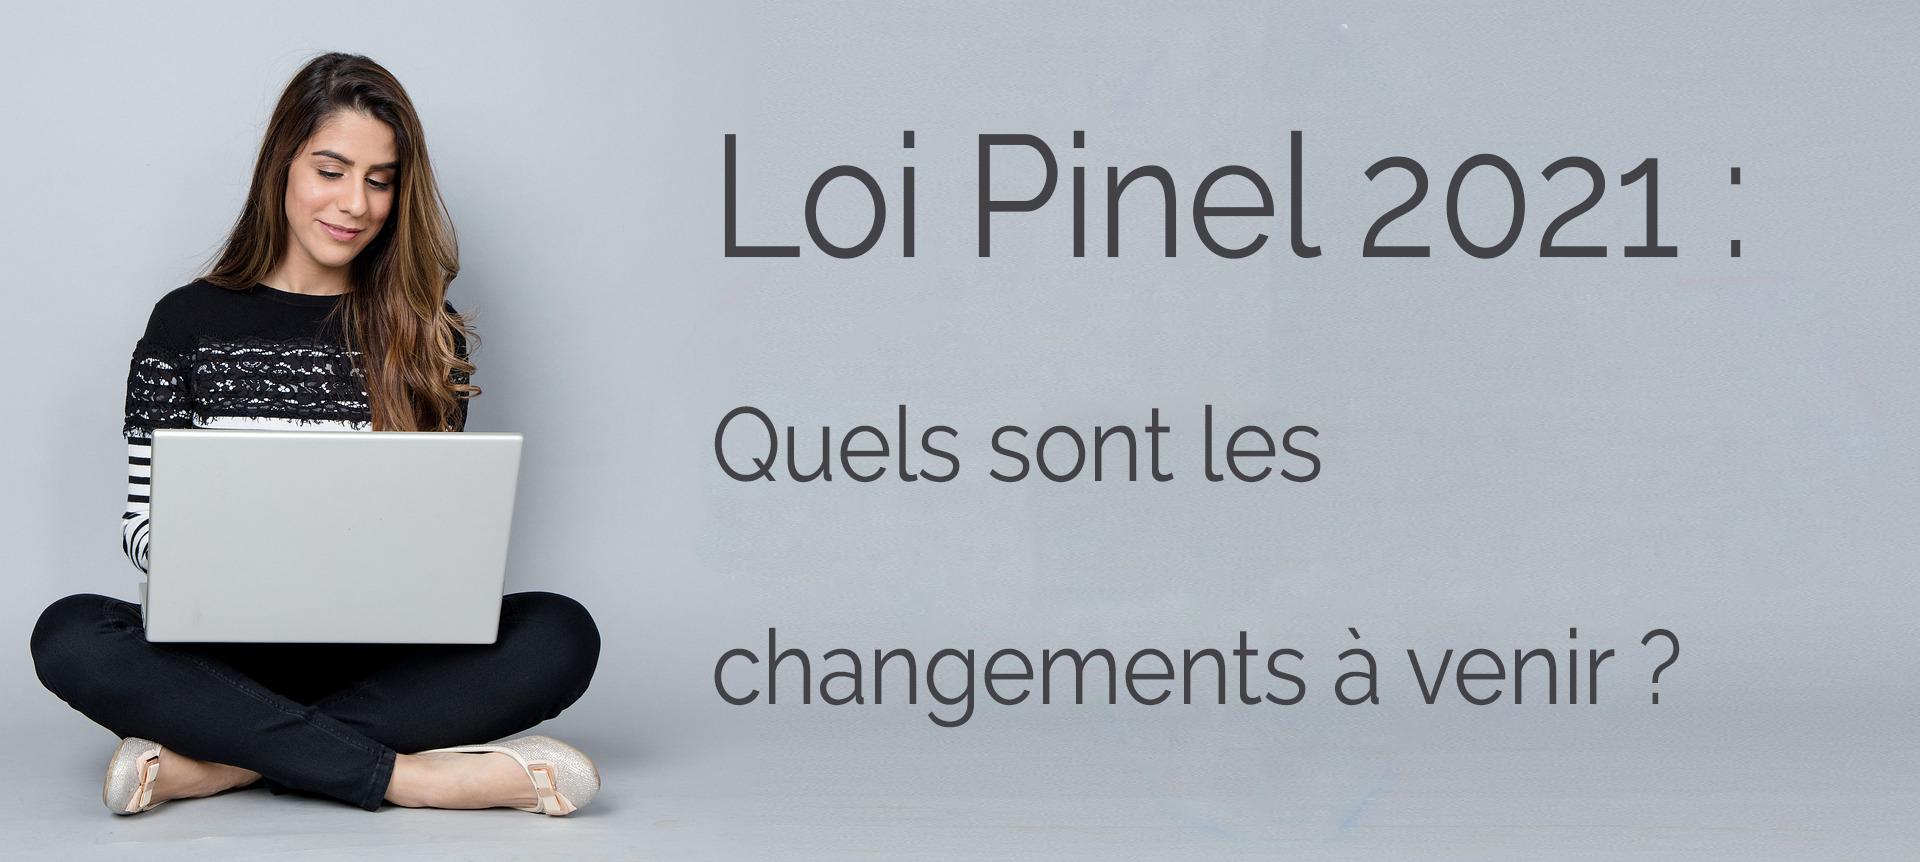 changements-loi-pinel-2021-et-2024